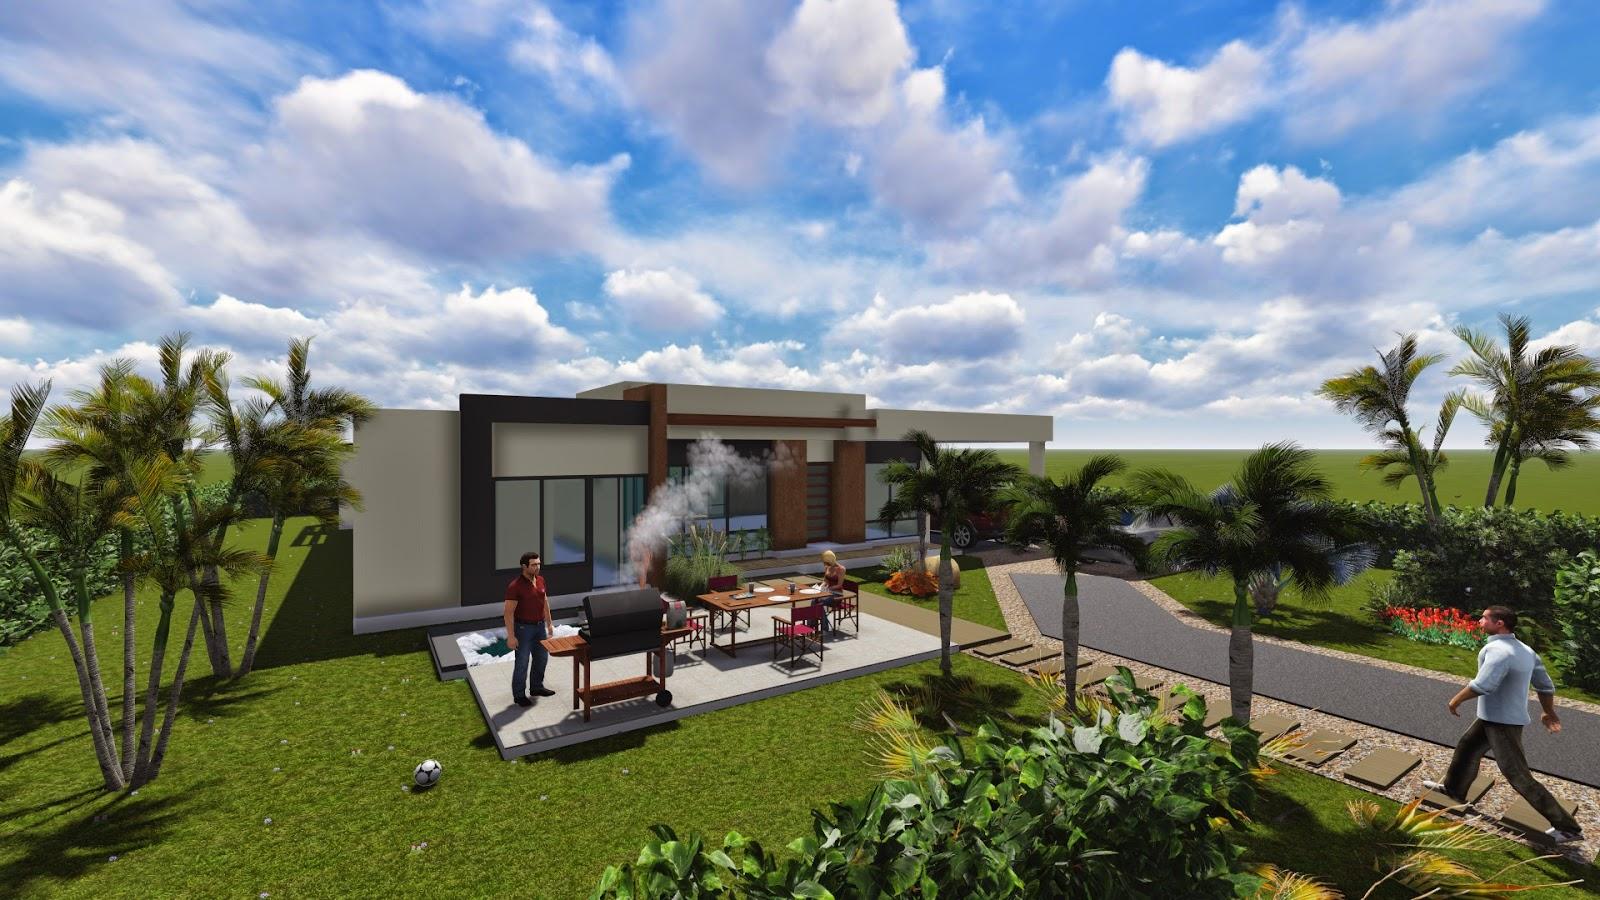 Dise o de casa campestre moderna 250 m2 for Estilos de viviendas